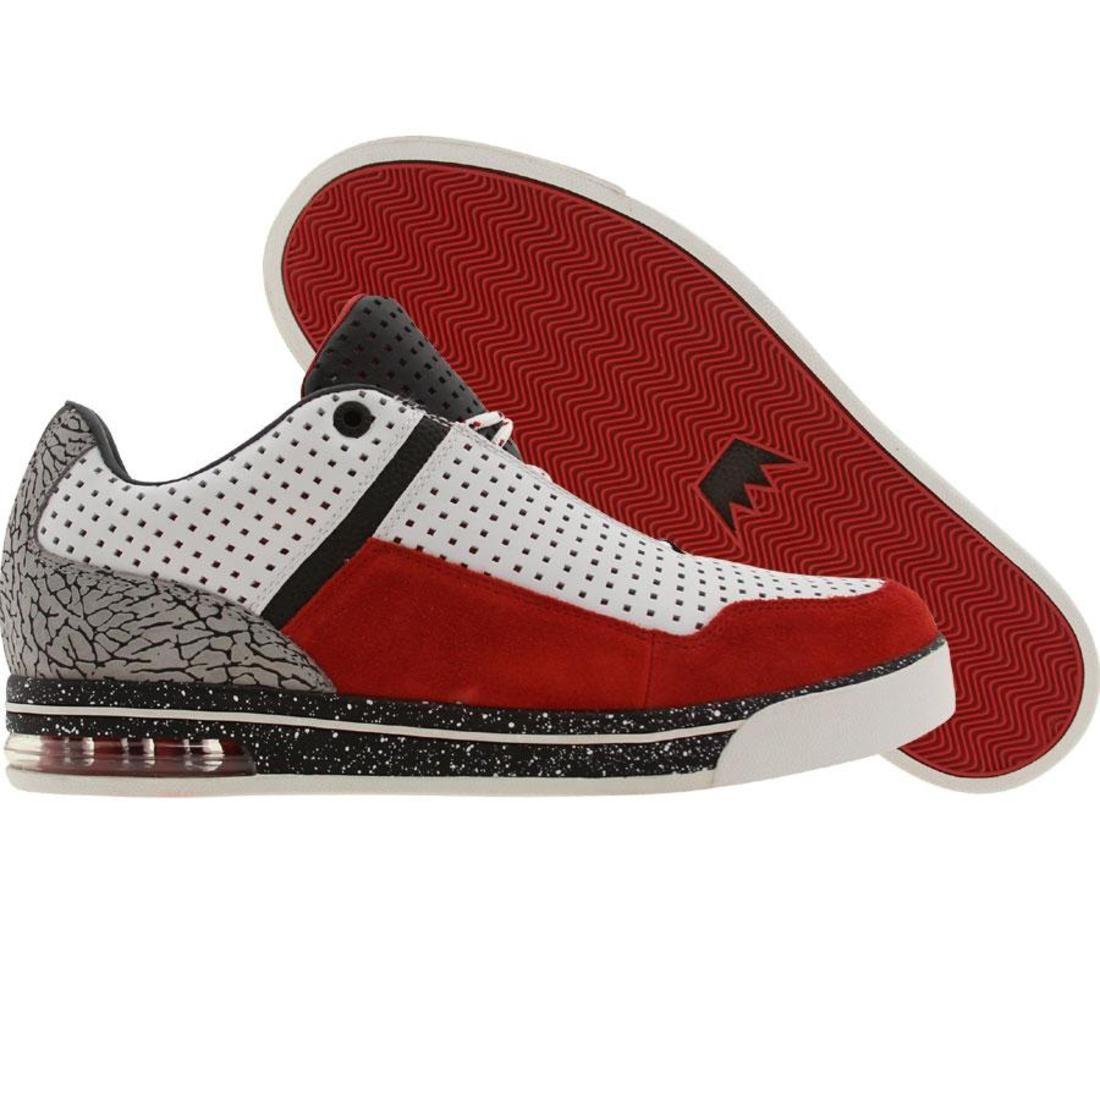 【海外限定】アンダークラウン レイアップ 赤 レッド スニーカー メンズ靴 【 RED UNDER CROWN UNDRCRWN THE LAYUP WHITE ELEPHANT 】